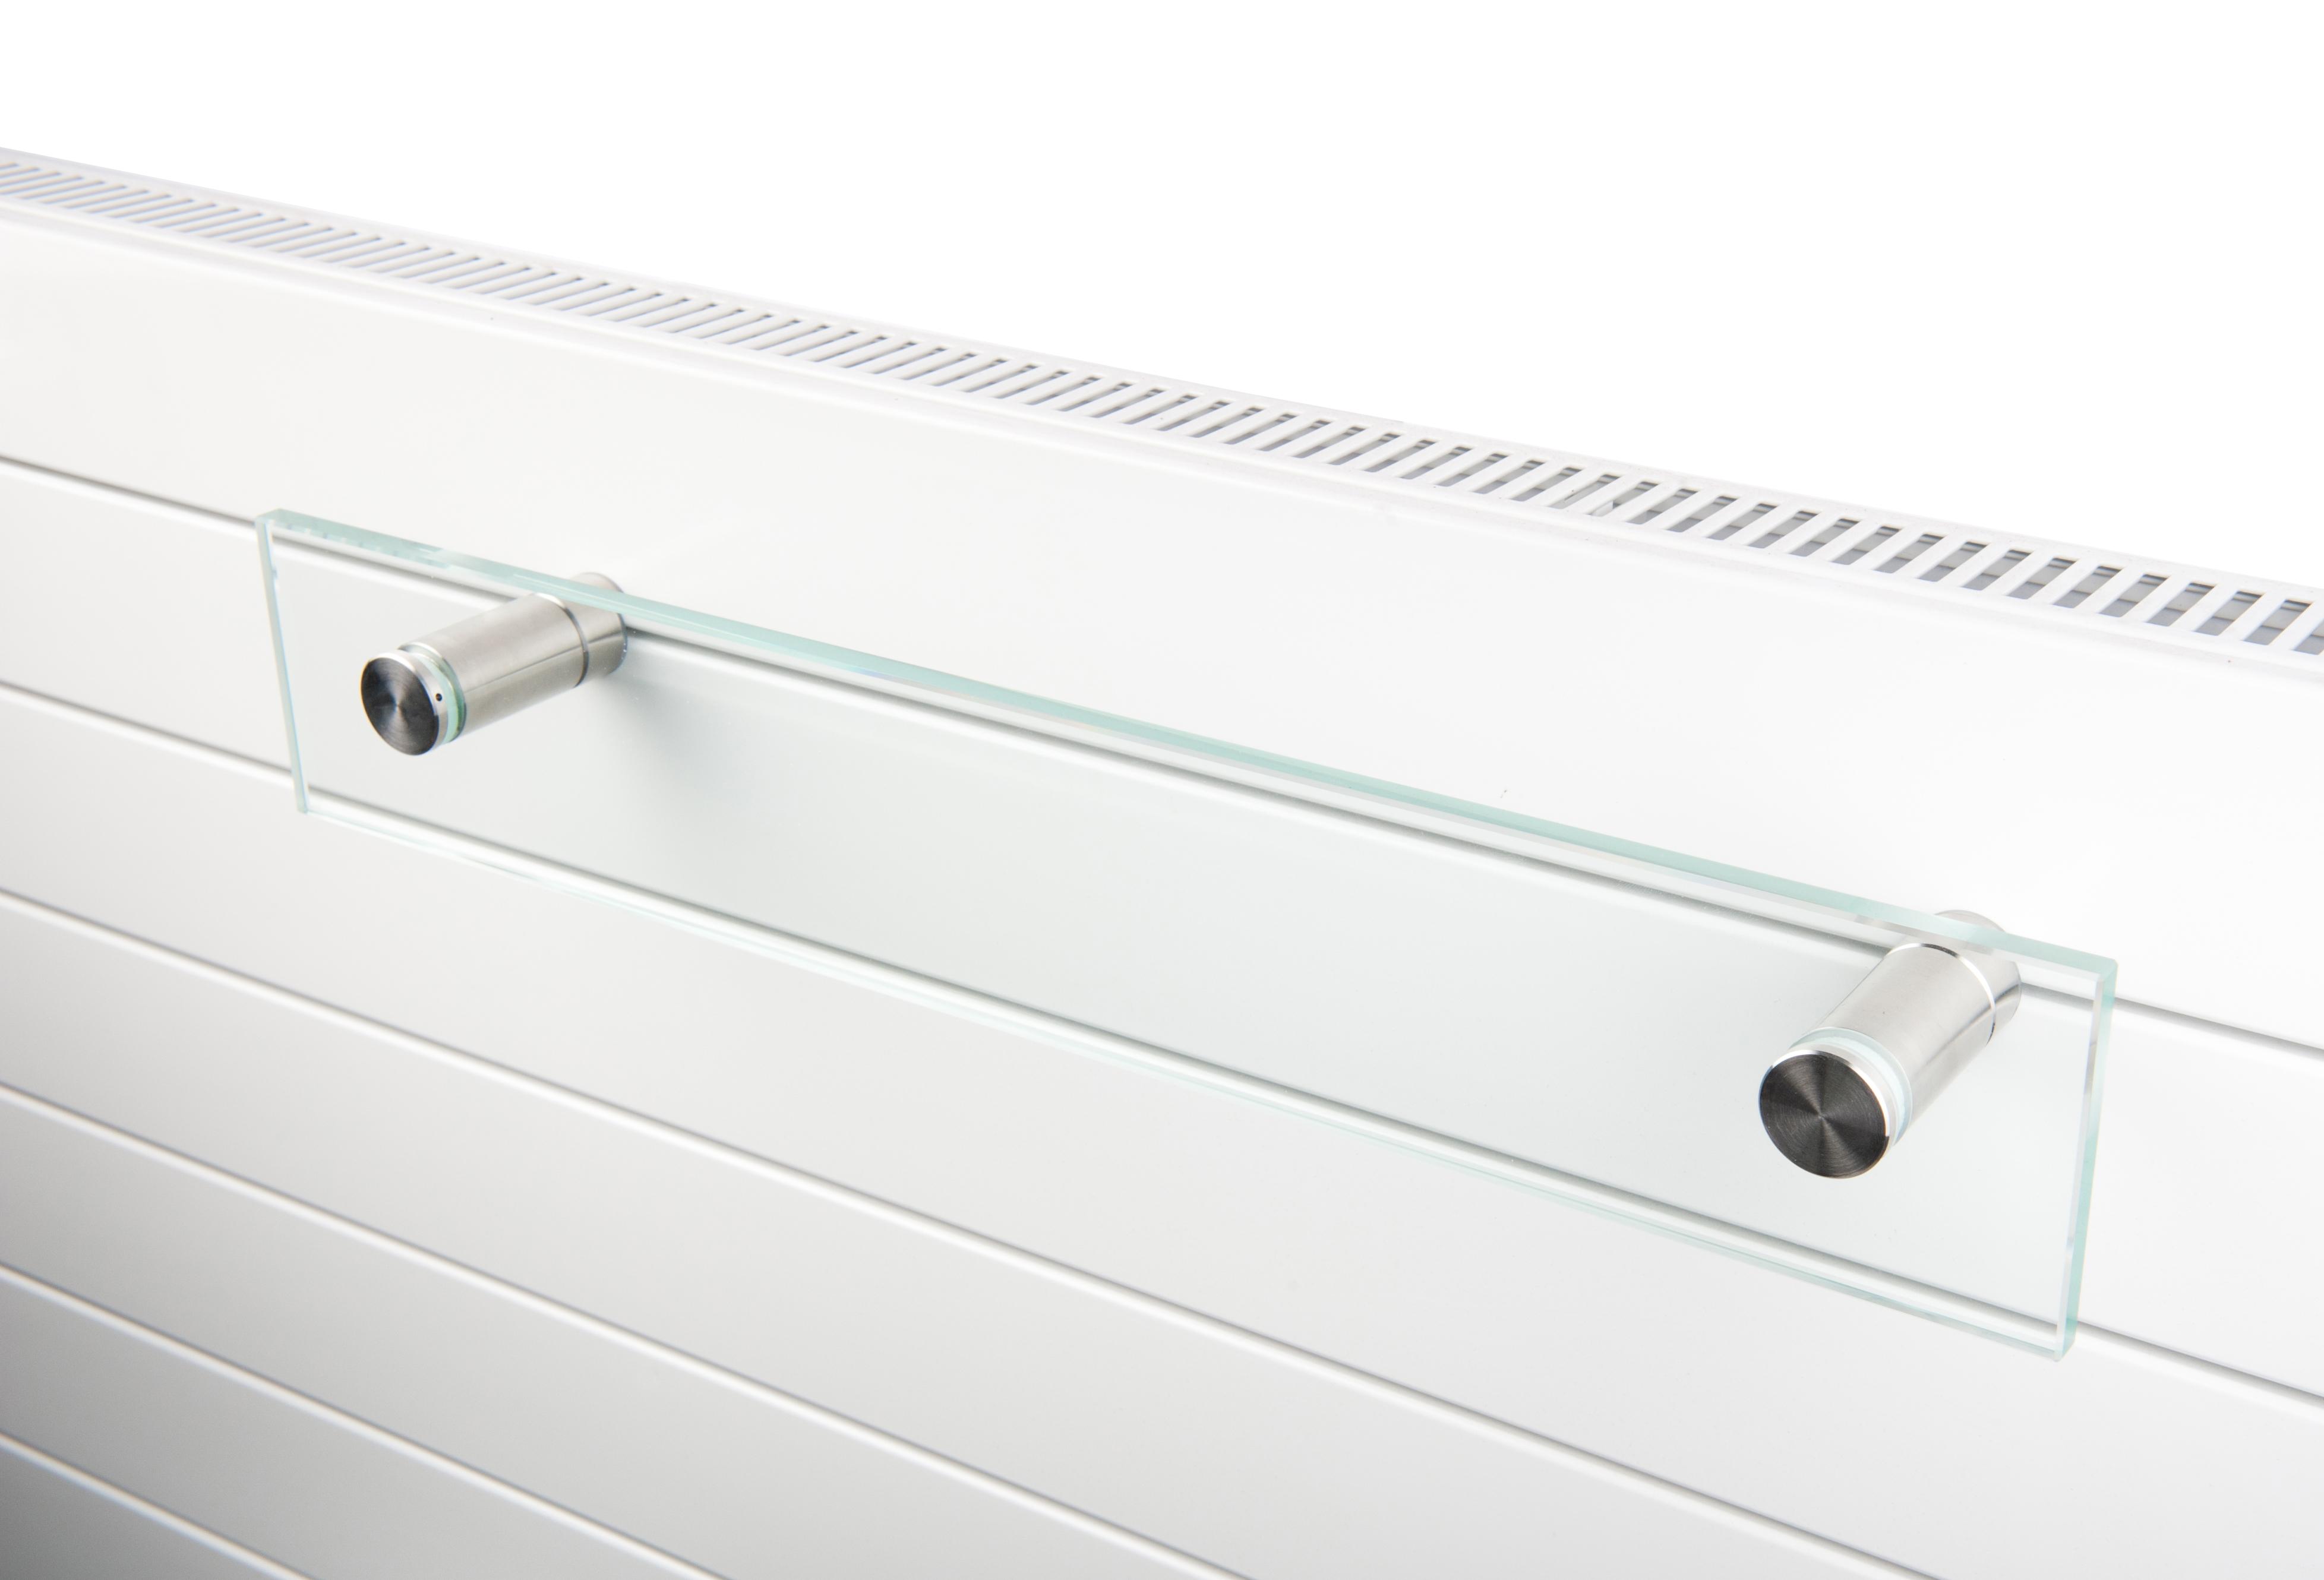 Instamat glazen handdoekrek 560 mm voor TH/TV paneelradiatoren en Instamat Deco, RVS houders